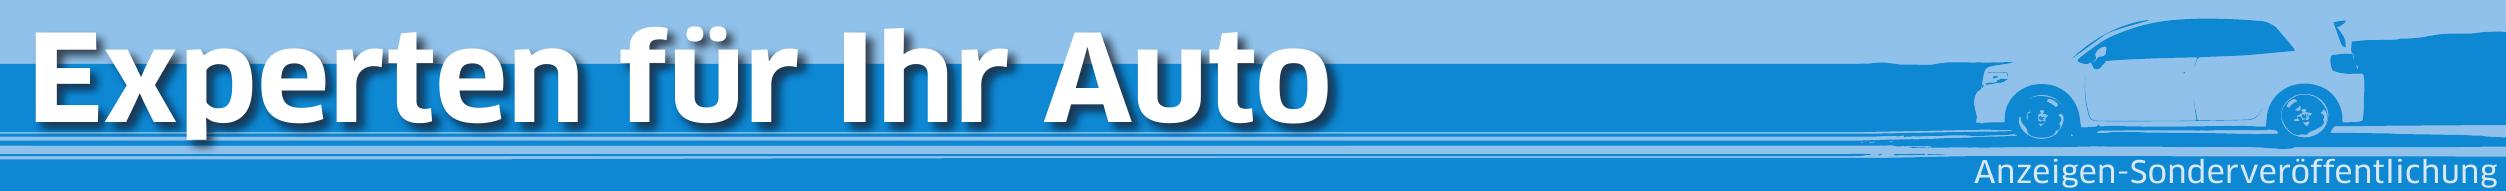 Reife Reifen sollten weichen – unabhängig von der Profiltiefe Image 1